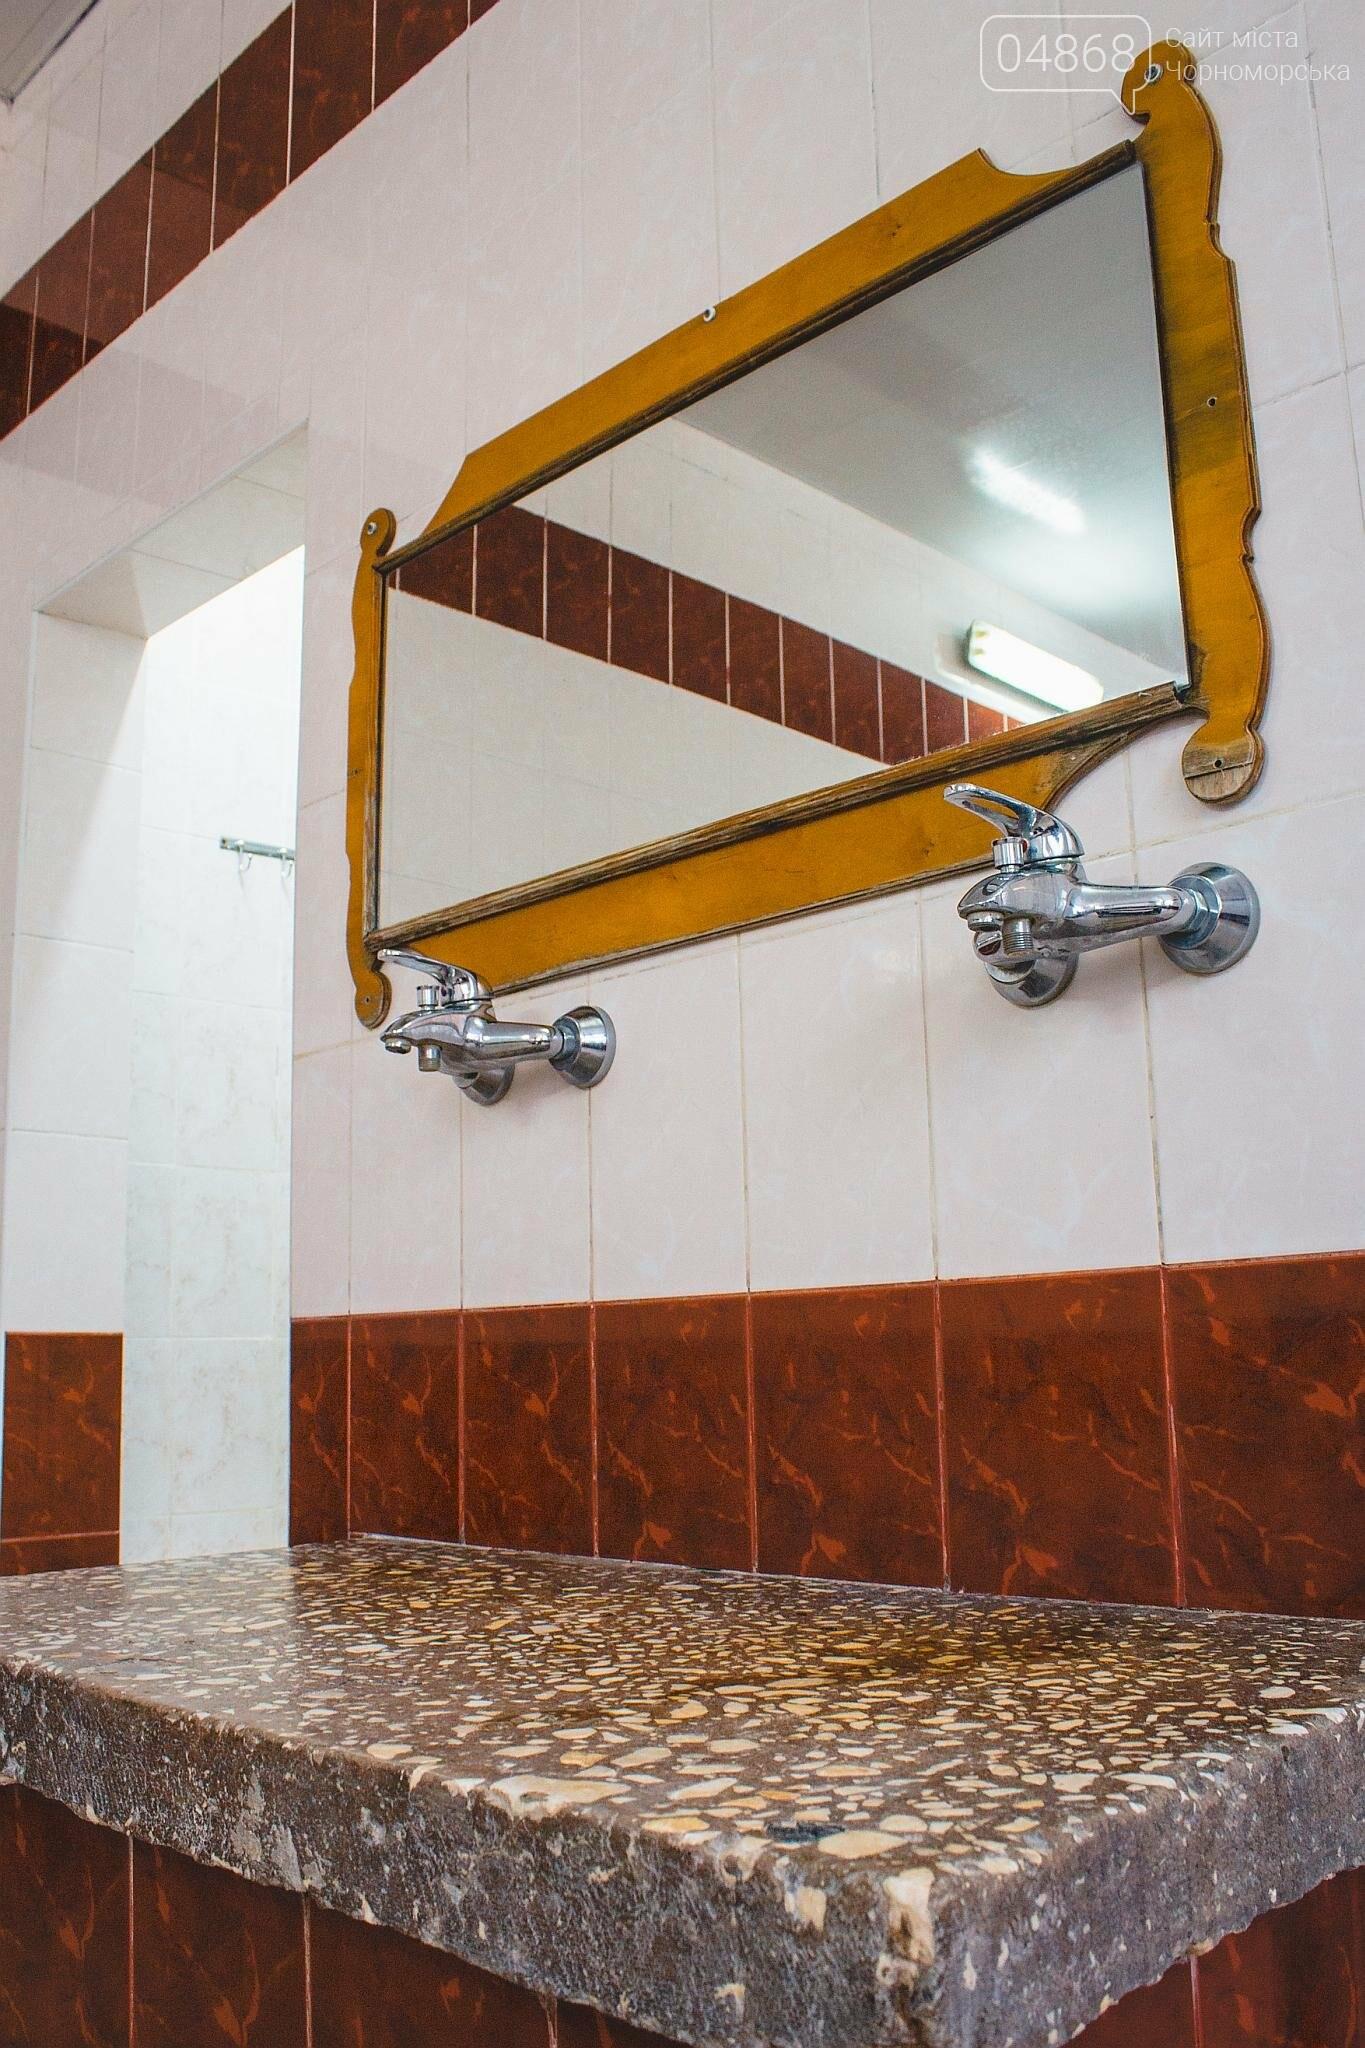 С 1 ноября изменится режим работы городской бани в Черноморске, фото-3